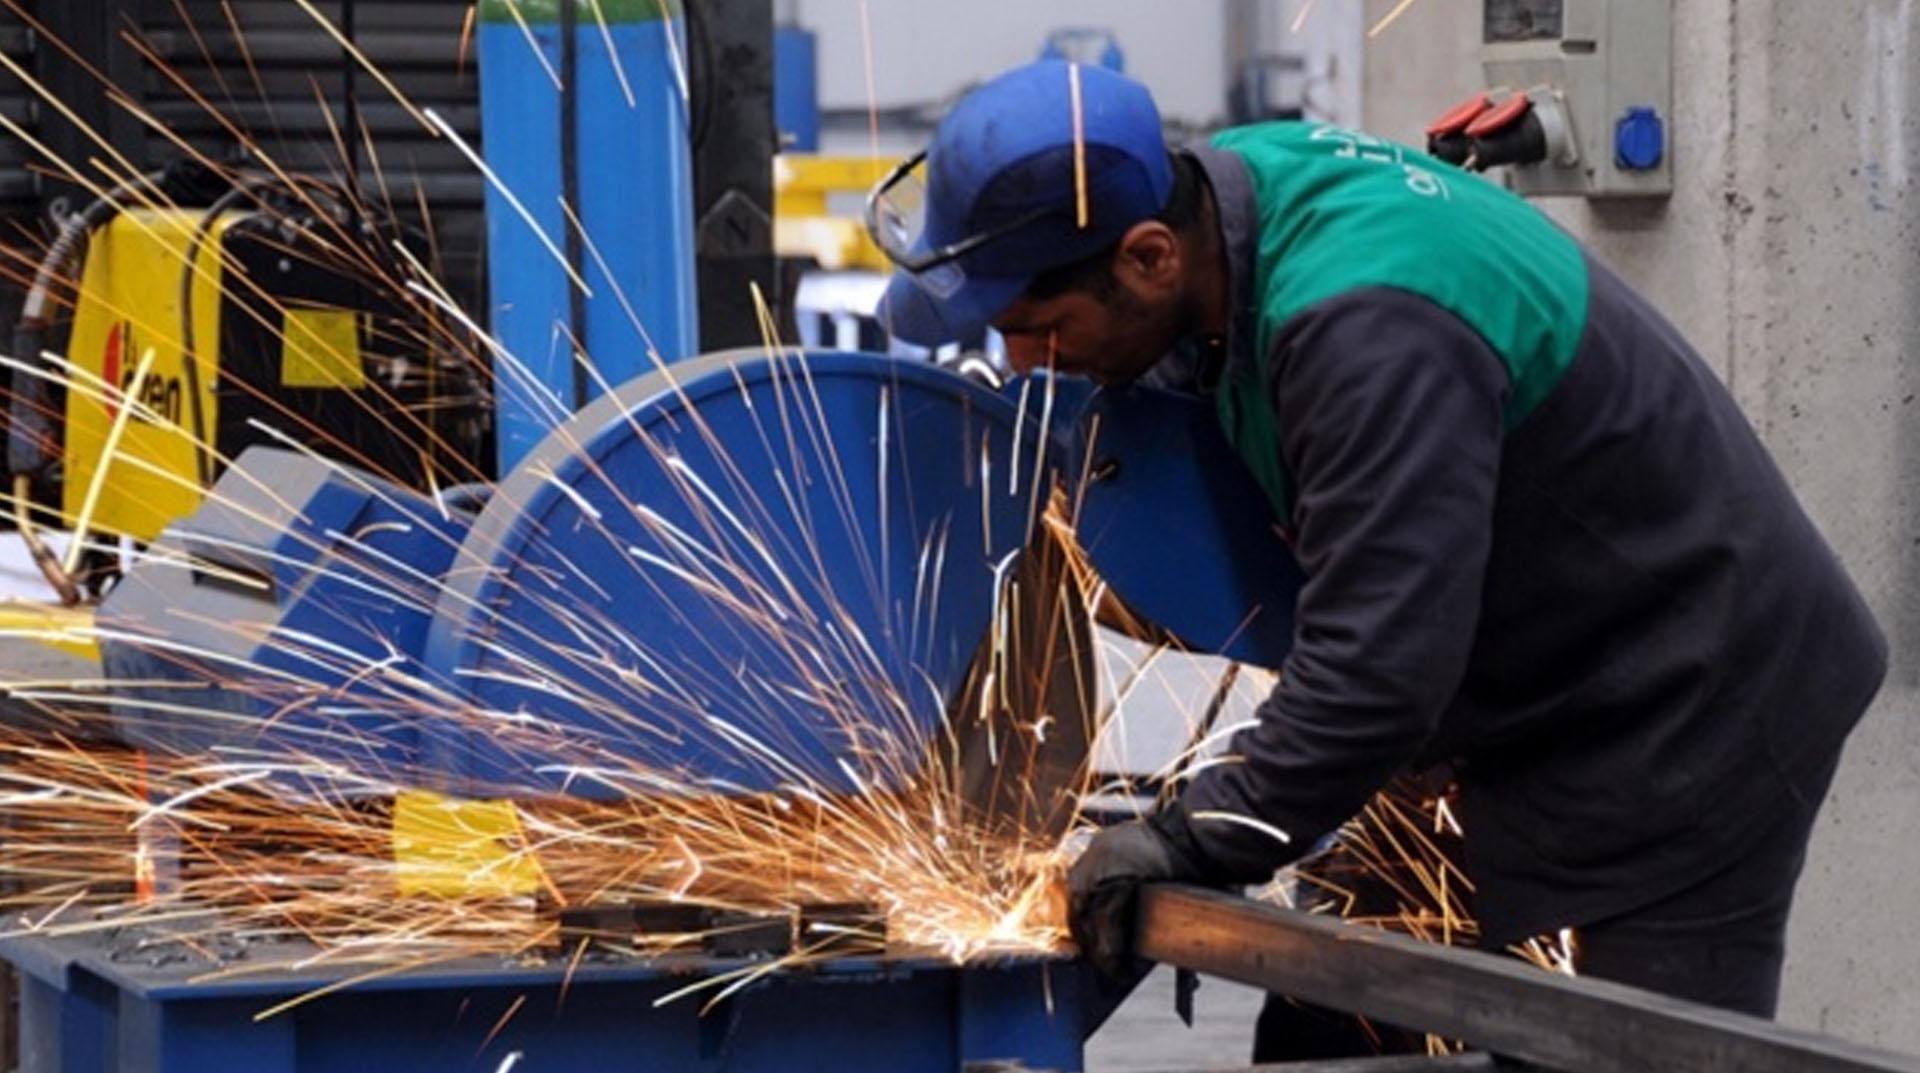 Sanayi üretimi Haziran'da yıllık bazda yüzde 3.9 azaldı